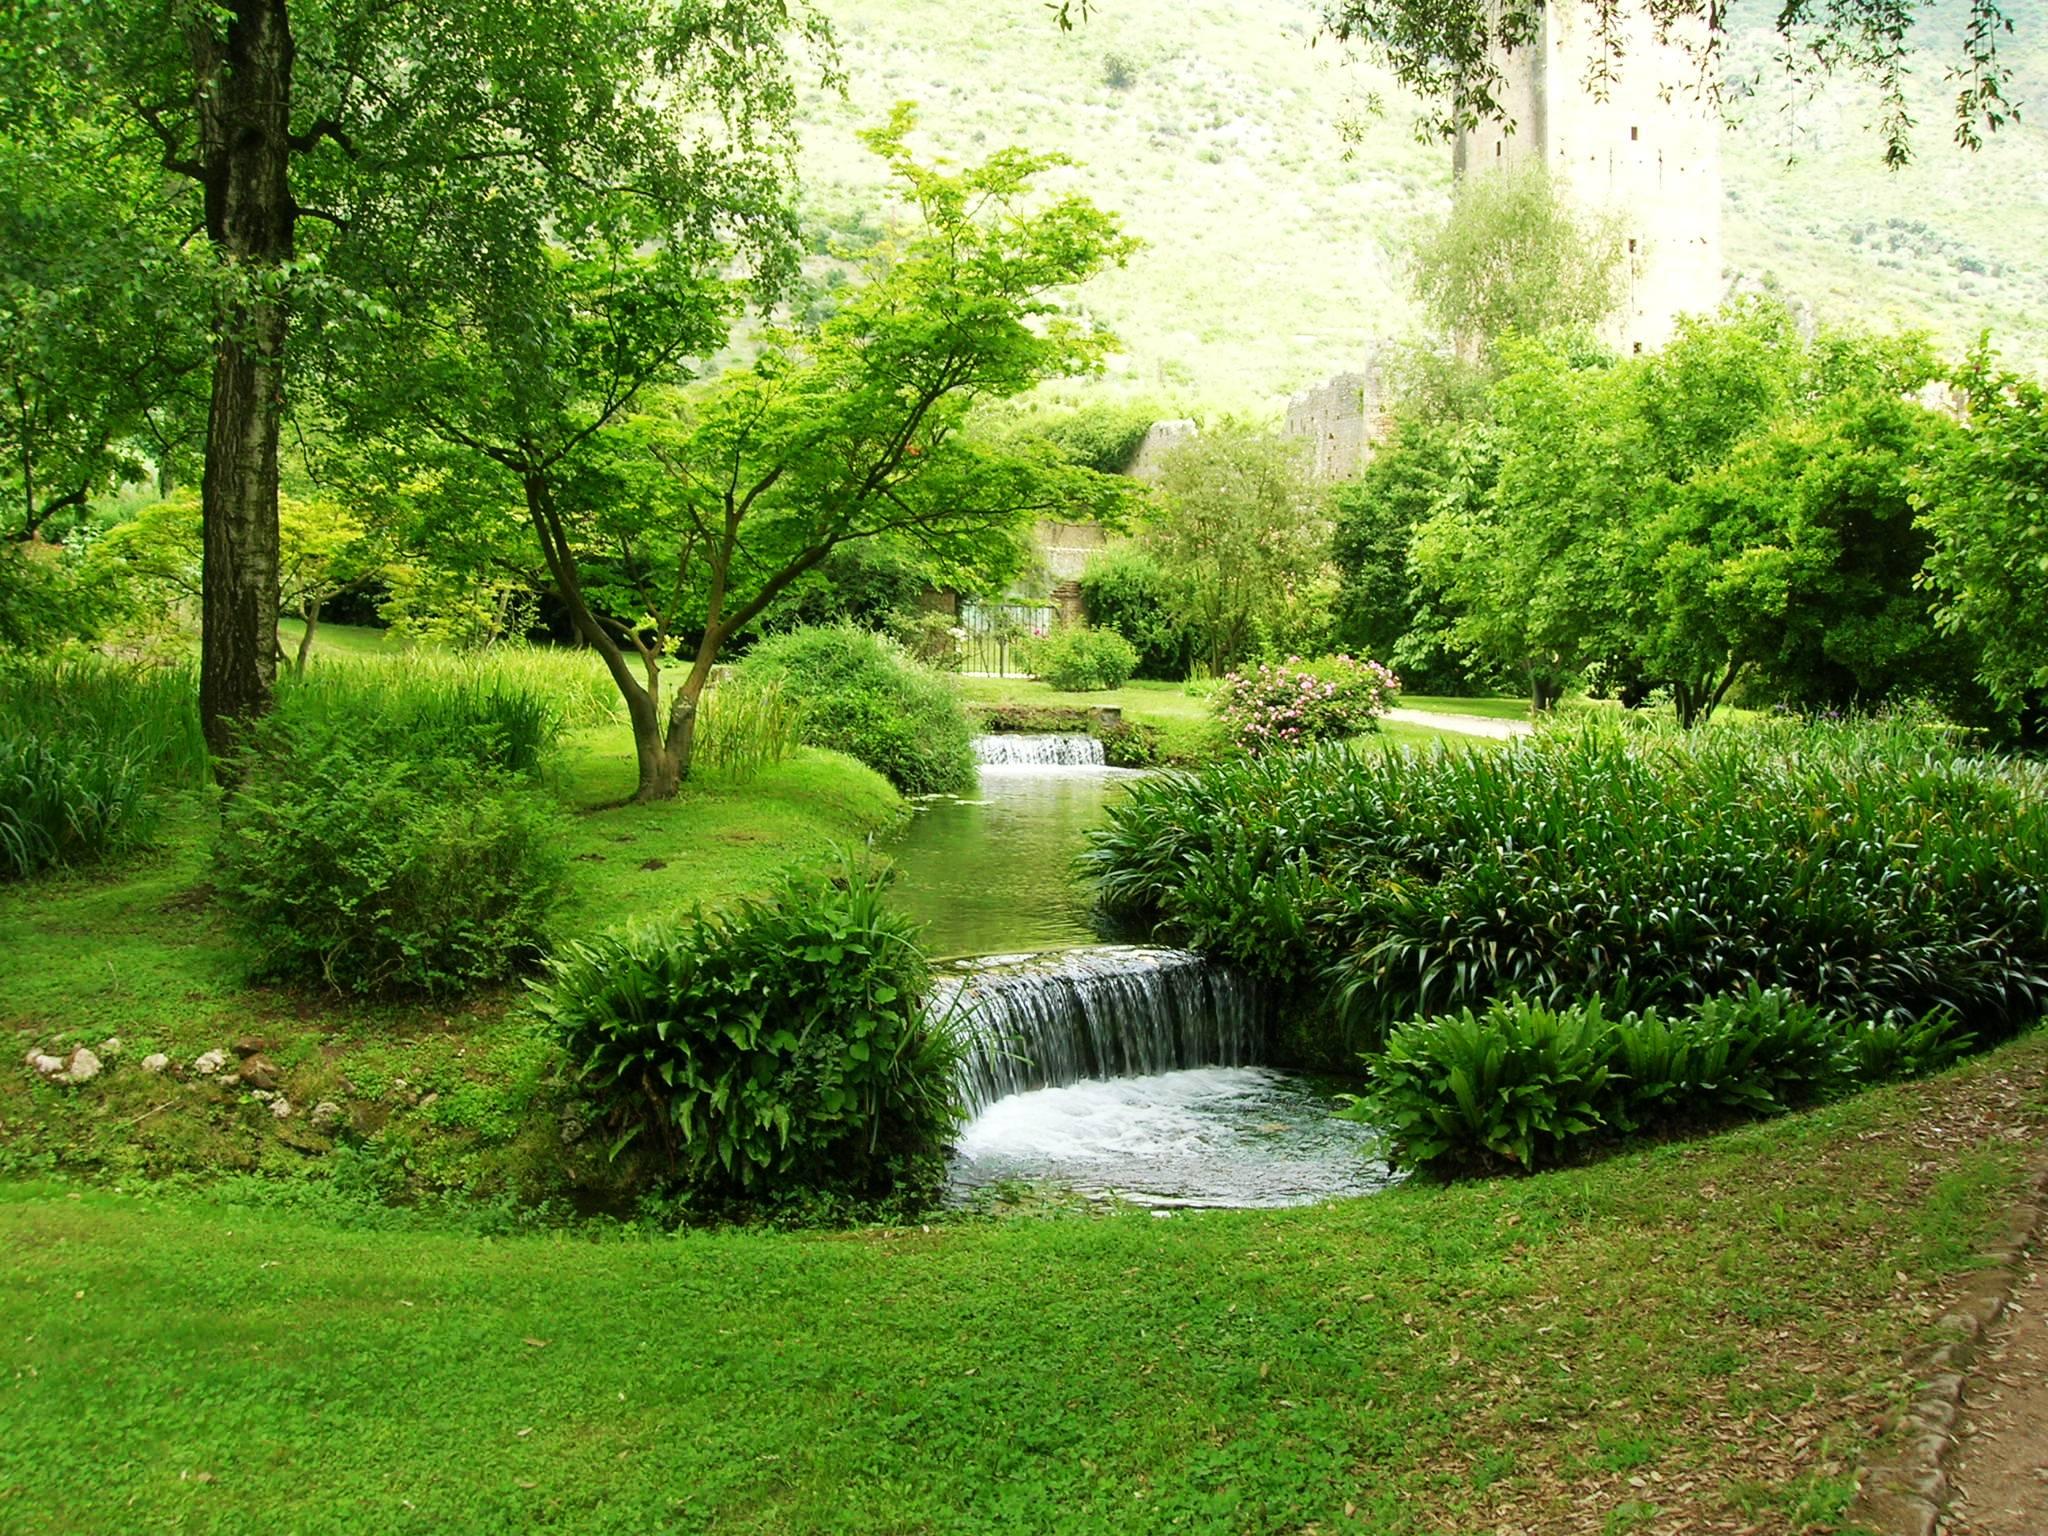 giardino-di-ninfa2